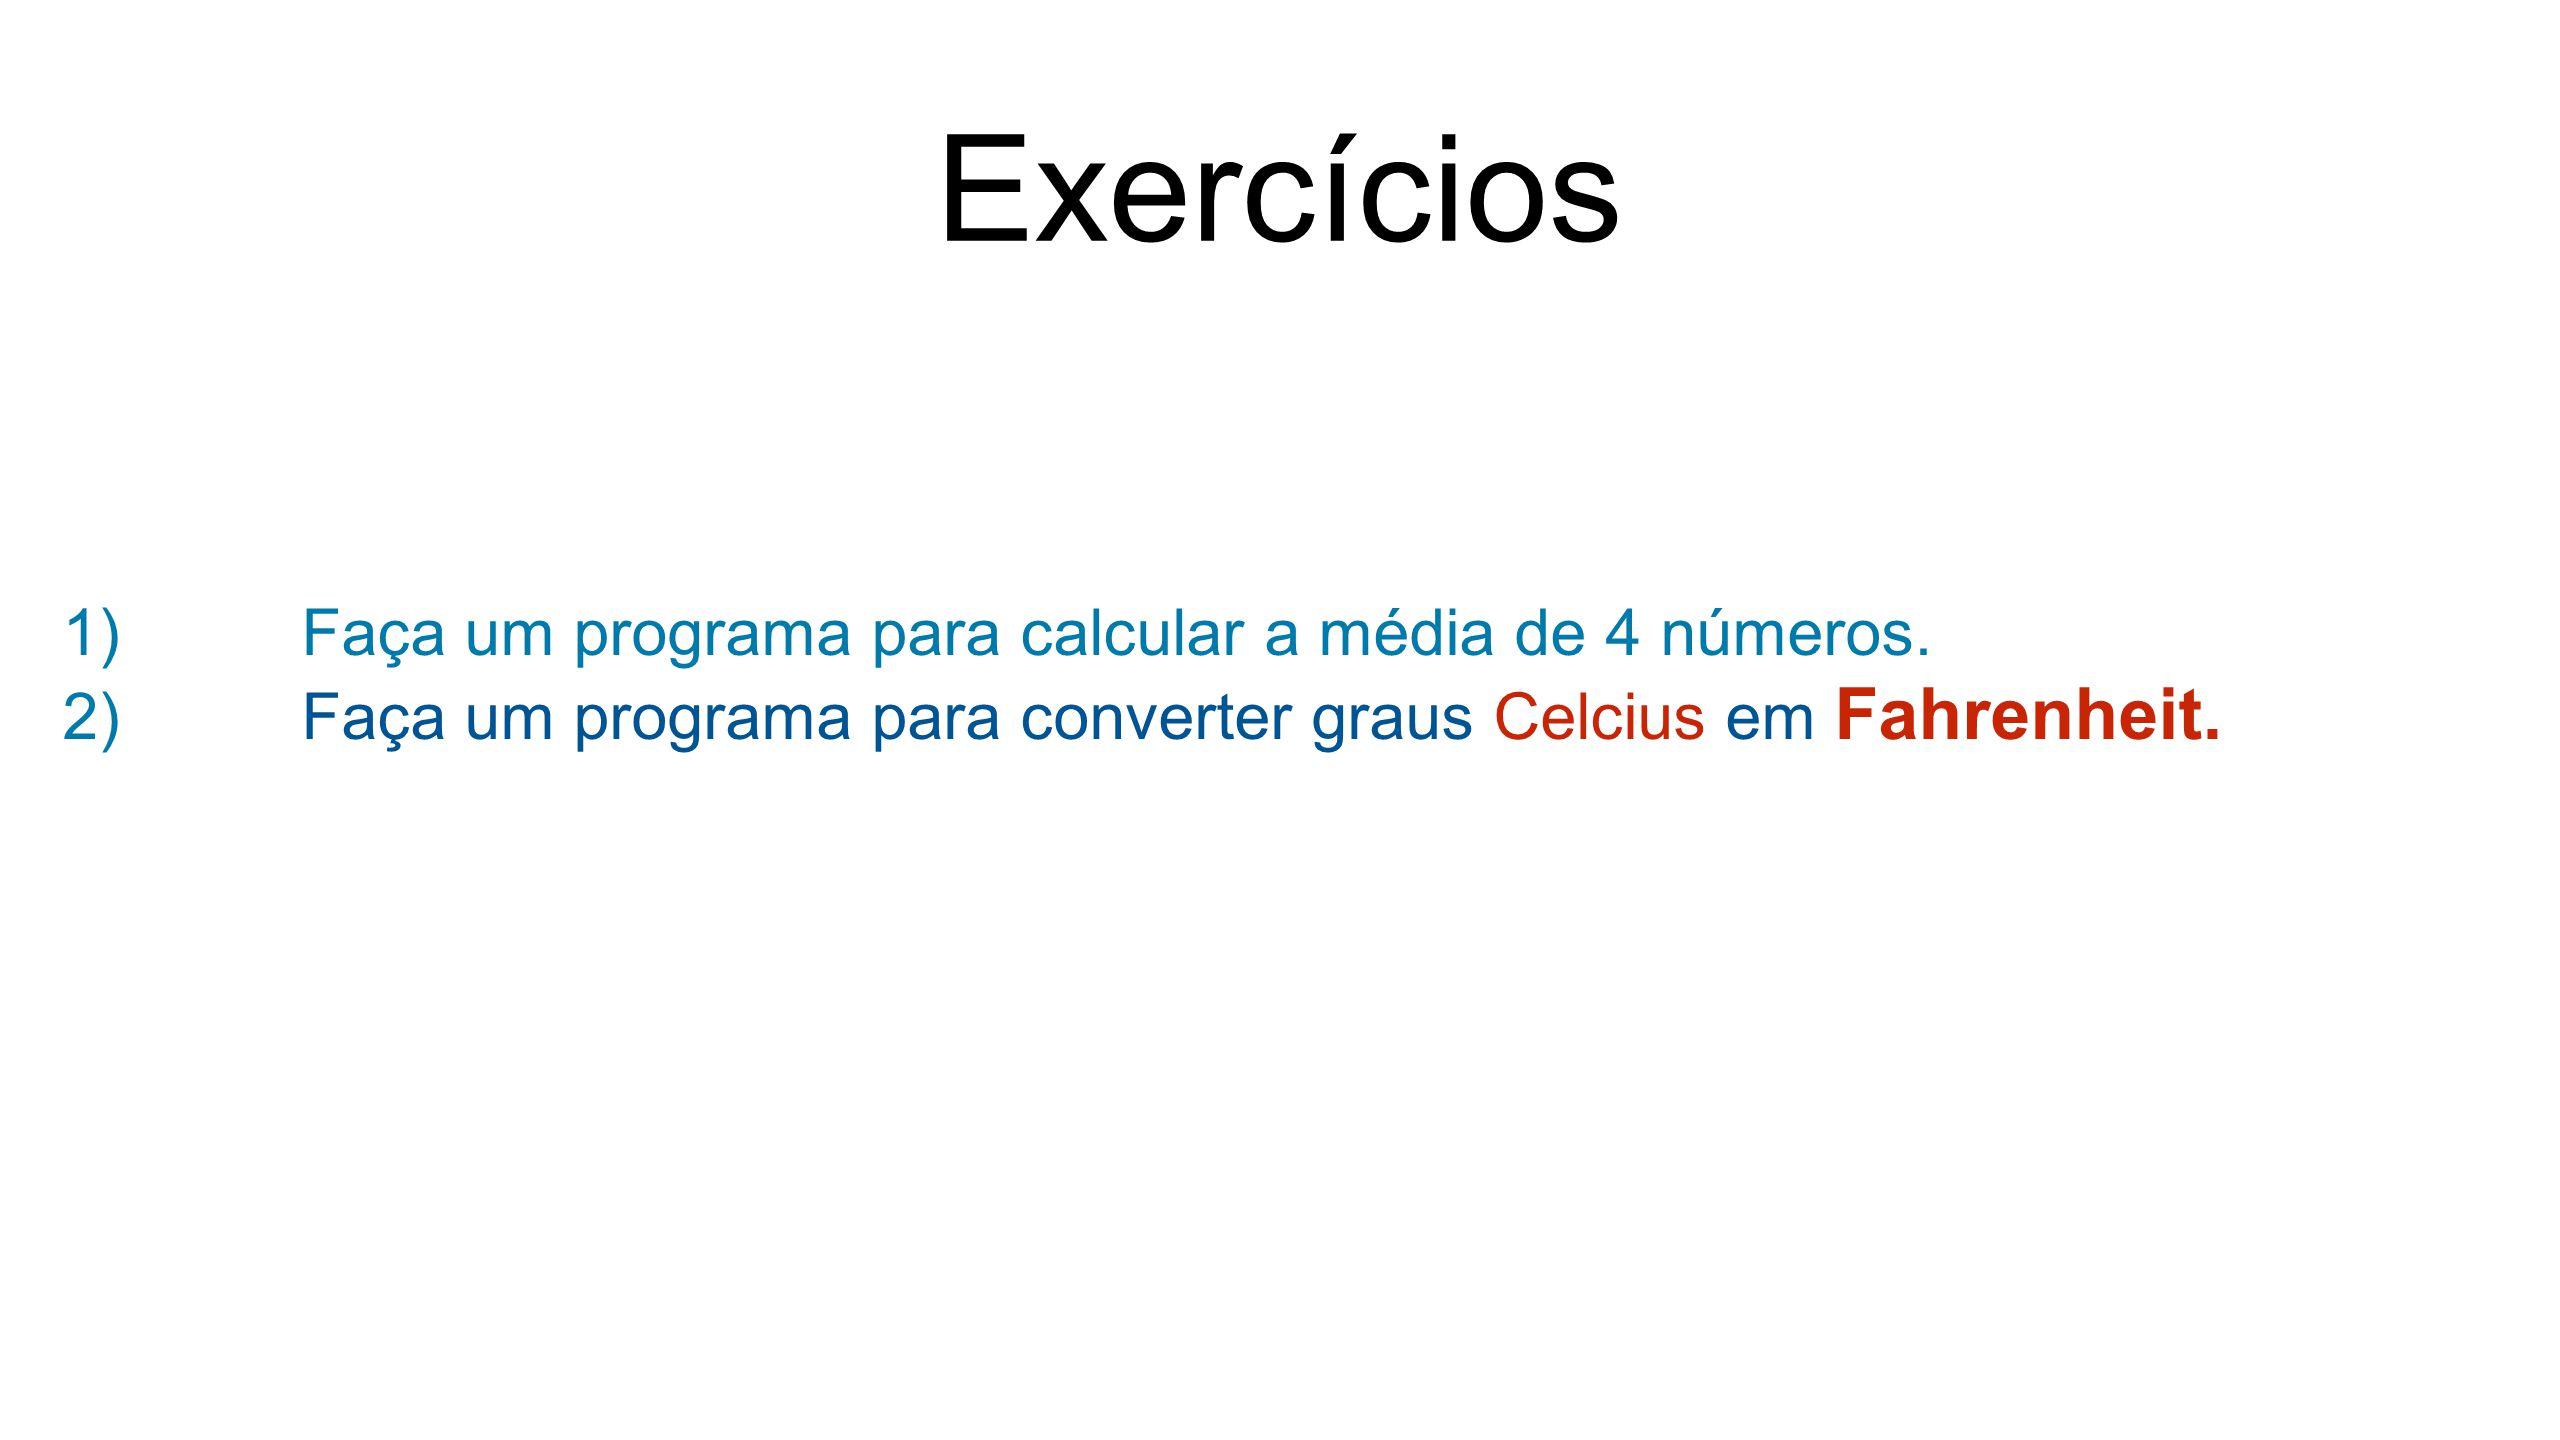 Exercícios 1)Faça um programa para calcular a média de 4 números. 2)Faça um programa para converter graus Celcius em Fahrenheit.